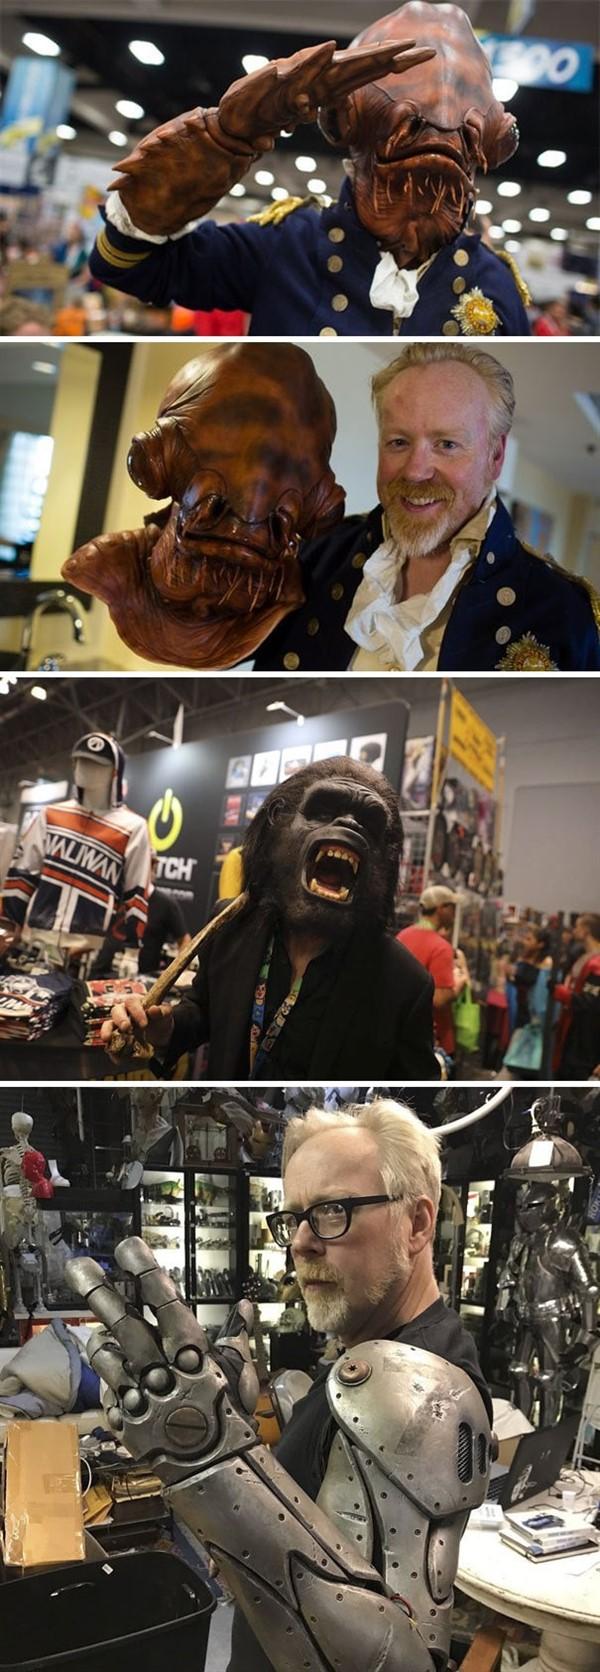 20 фото, доказывающих, что у знаменитостей прекрасное чувство юмора. И отрываются они на своих фанатах